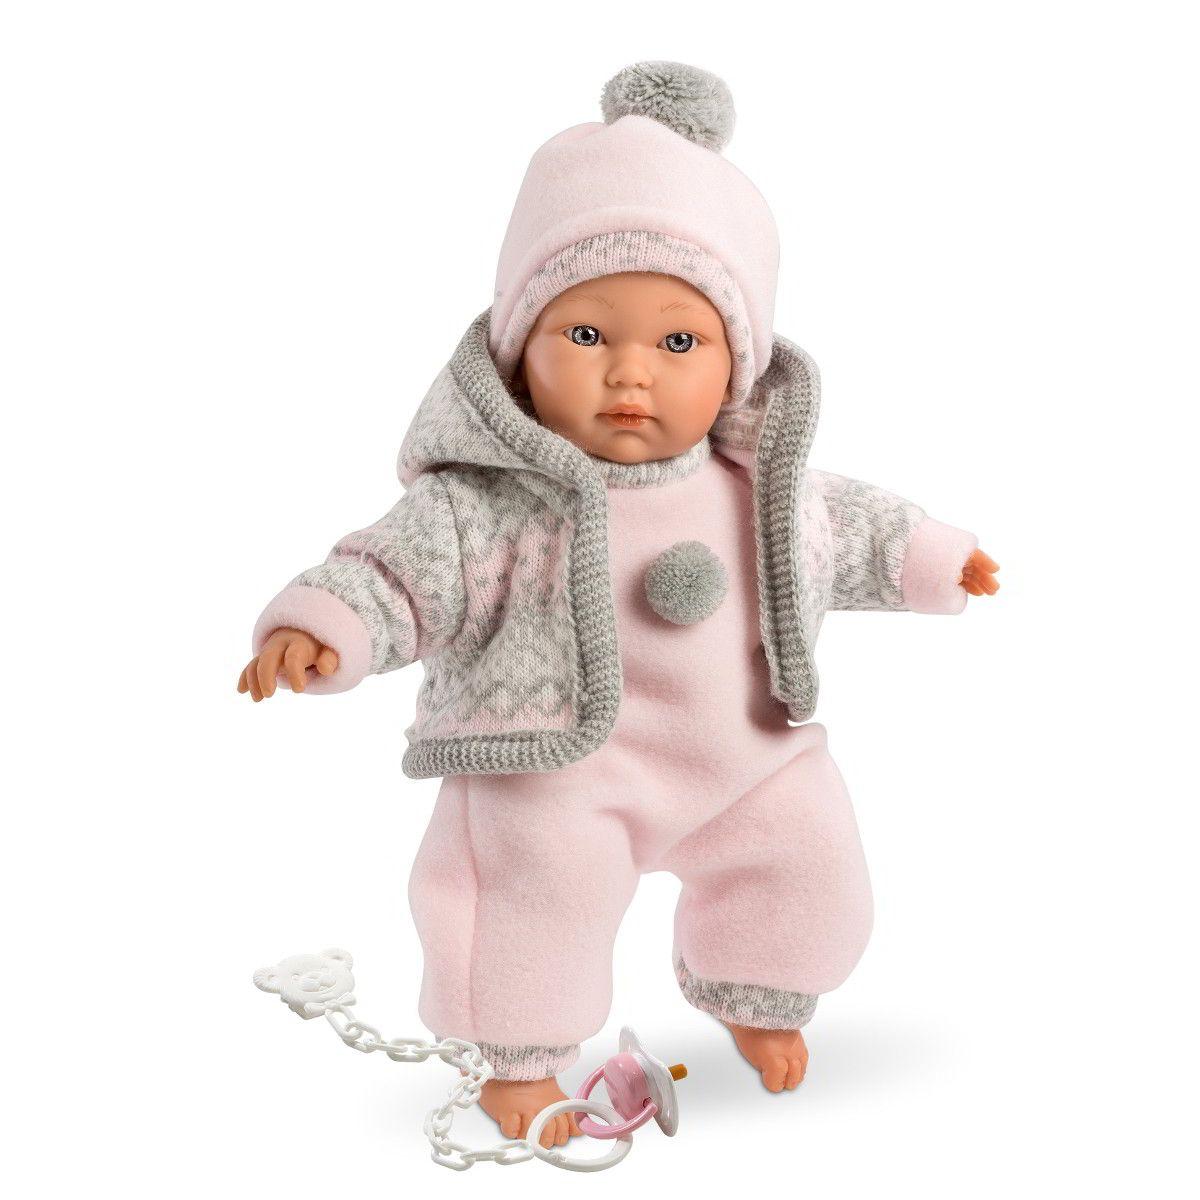 Купить Кукла Кука, 30 см, Llorens Juan